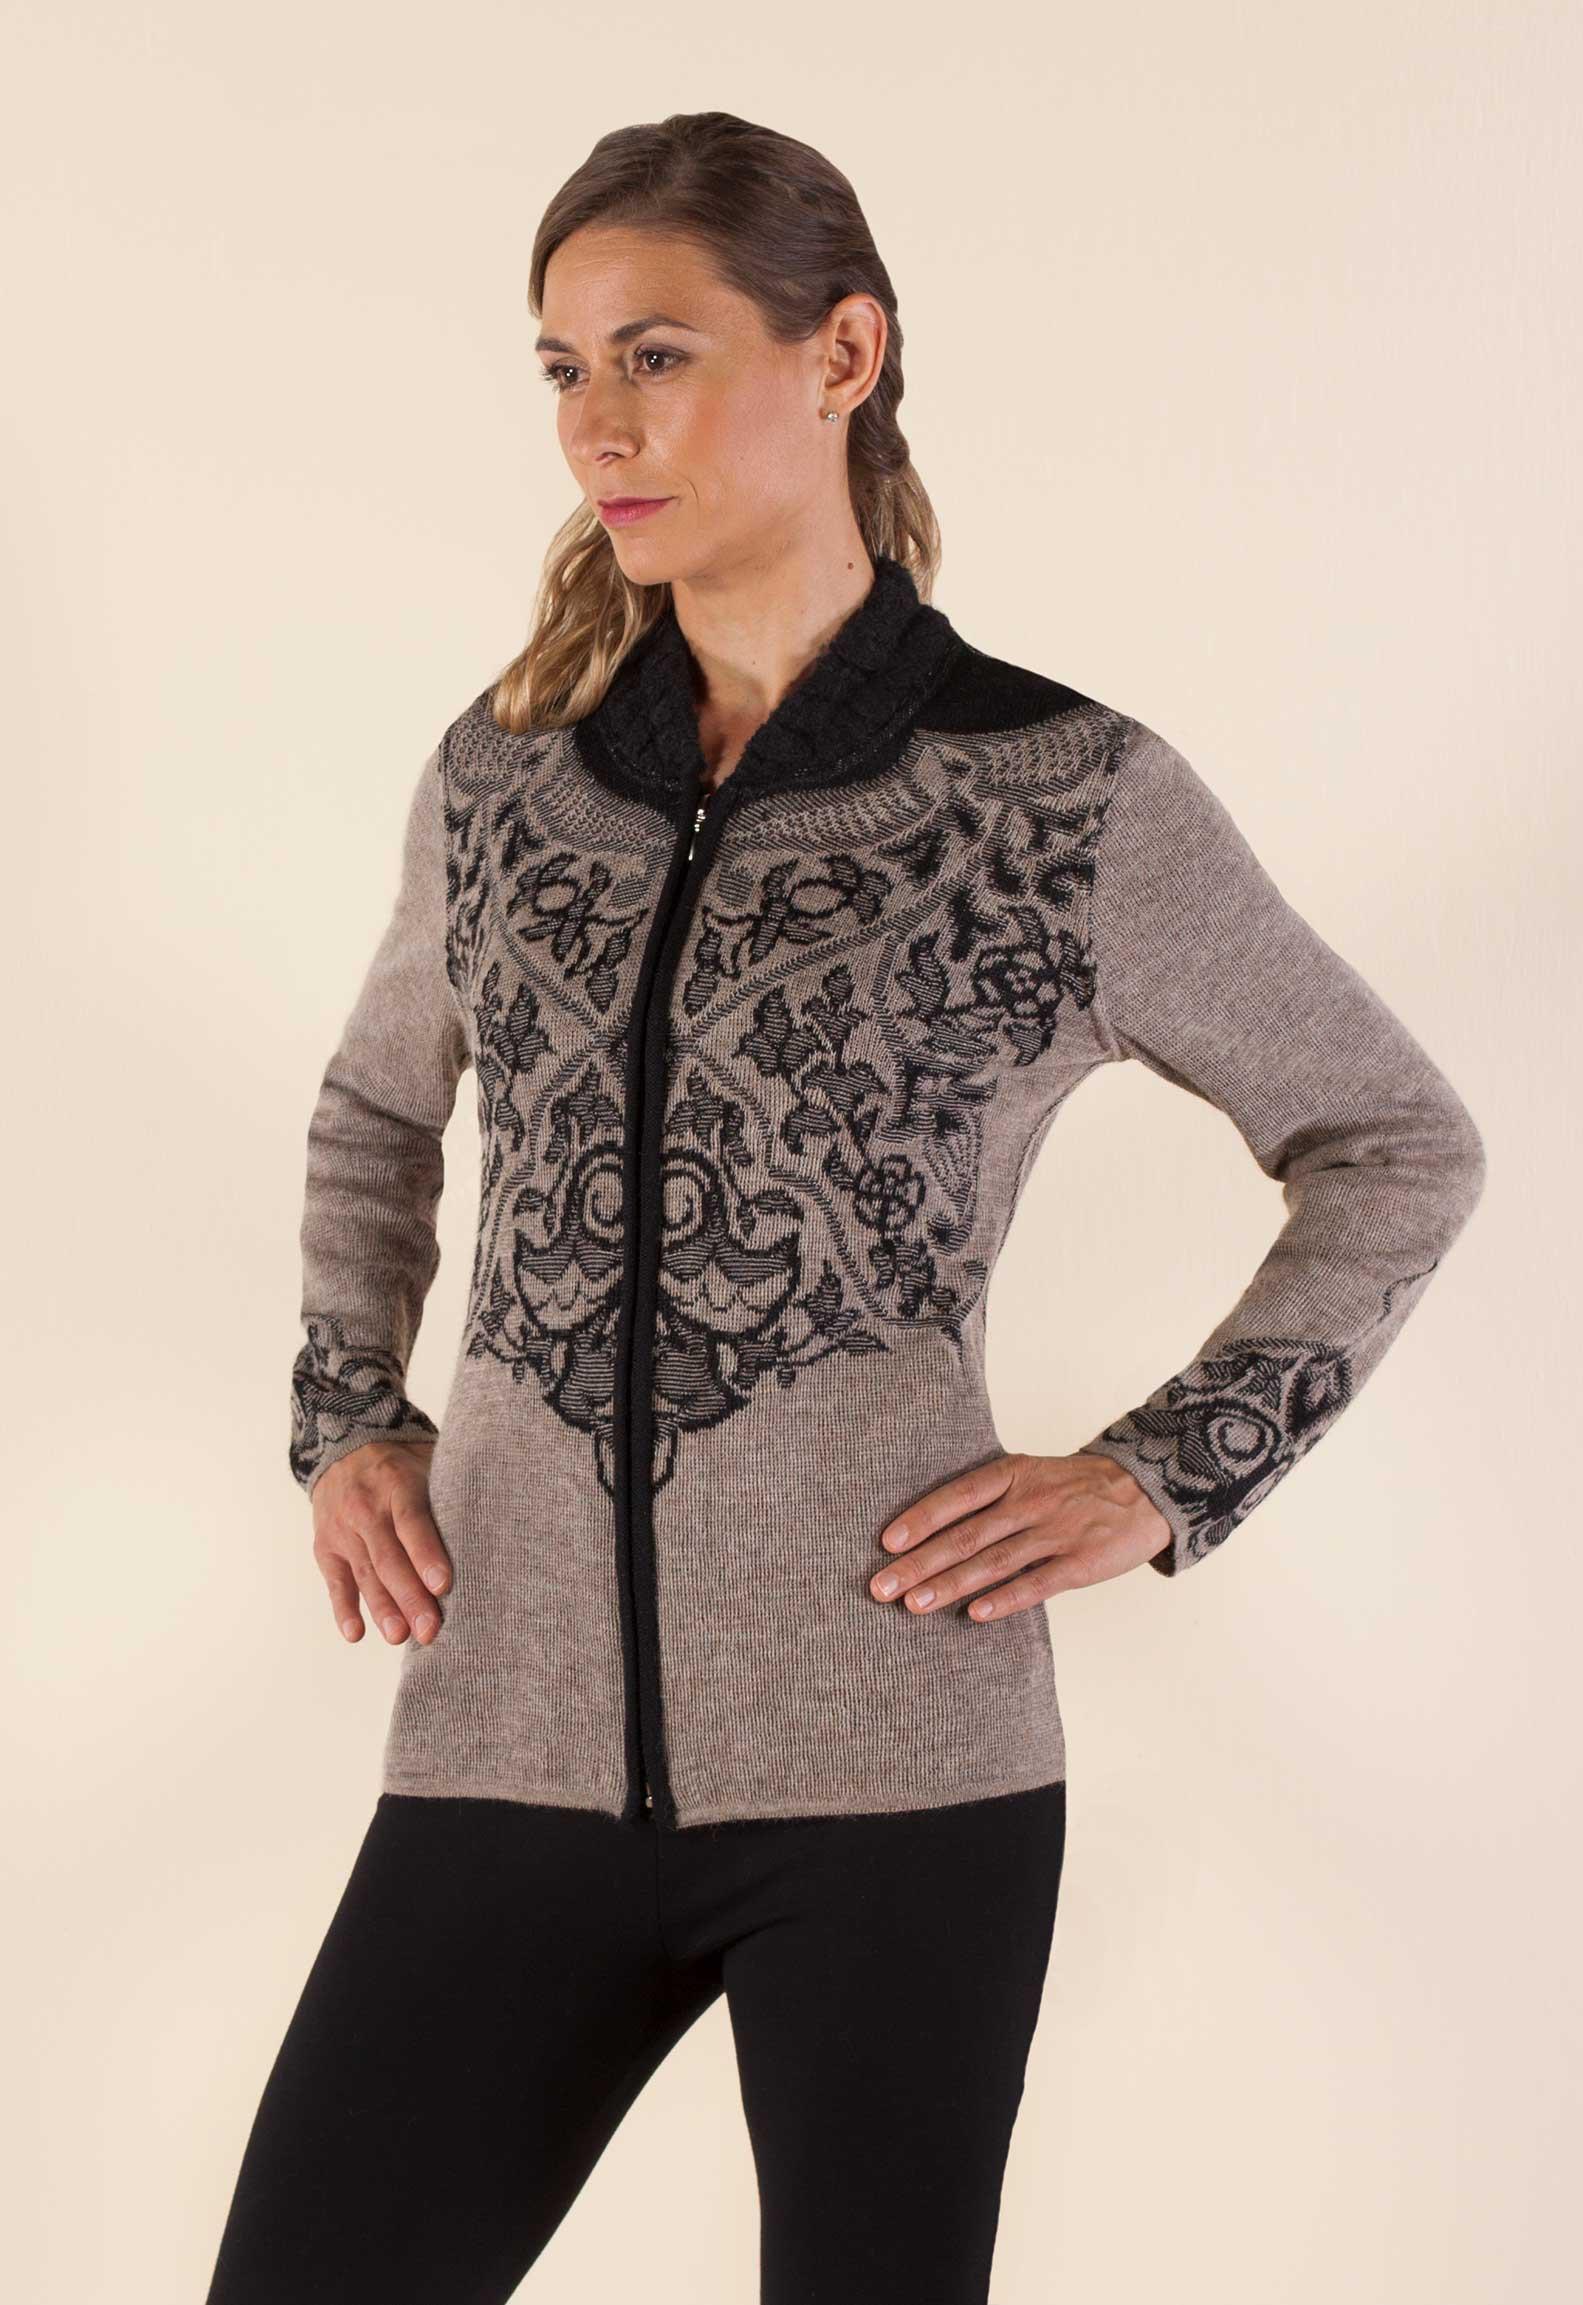 The Ana Sweater from Sheepskin & Alpaca Specialties